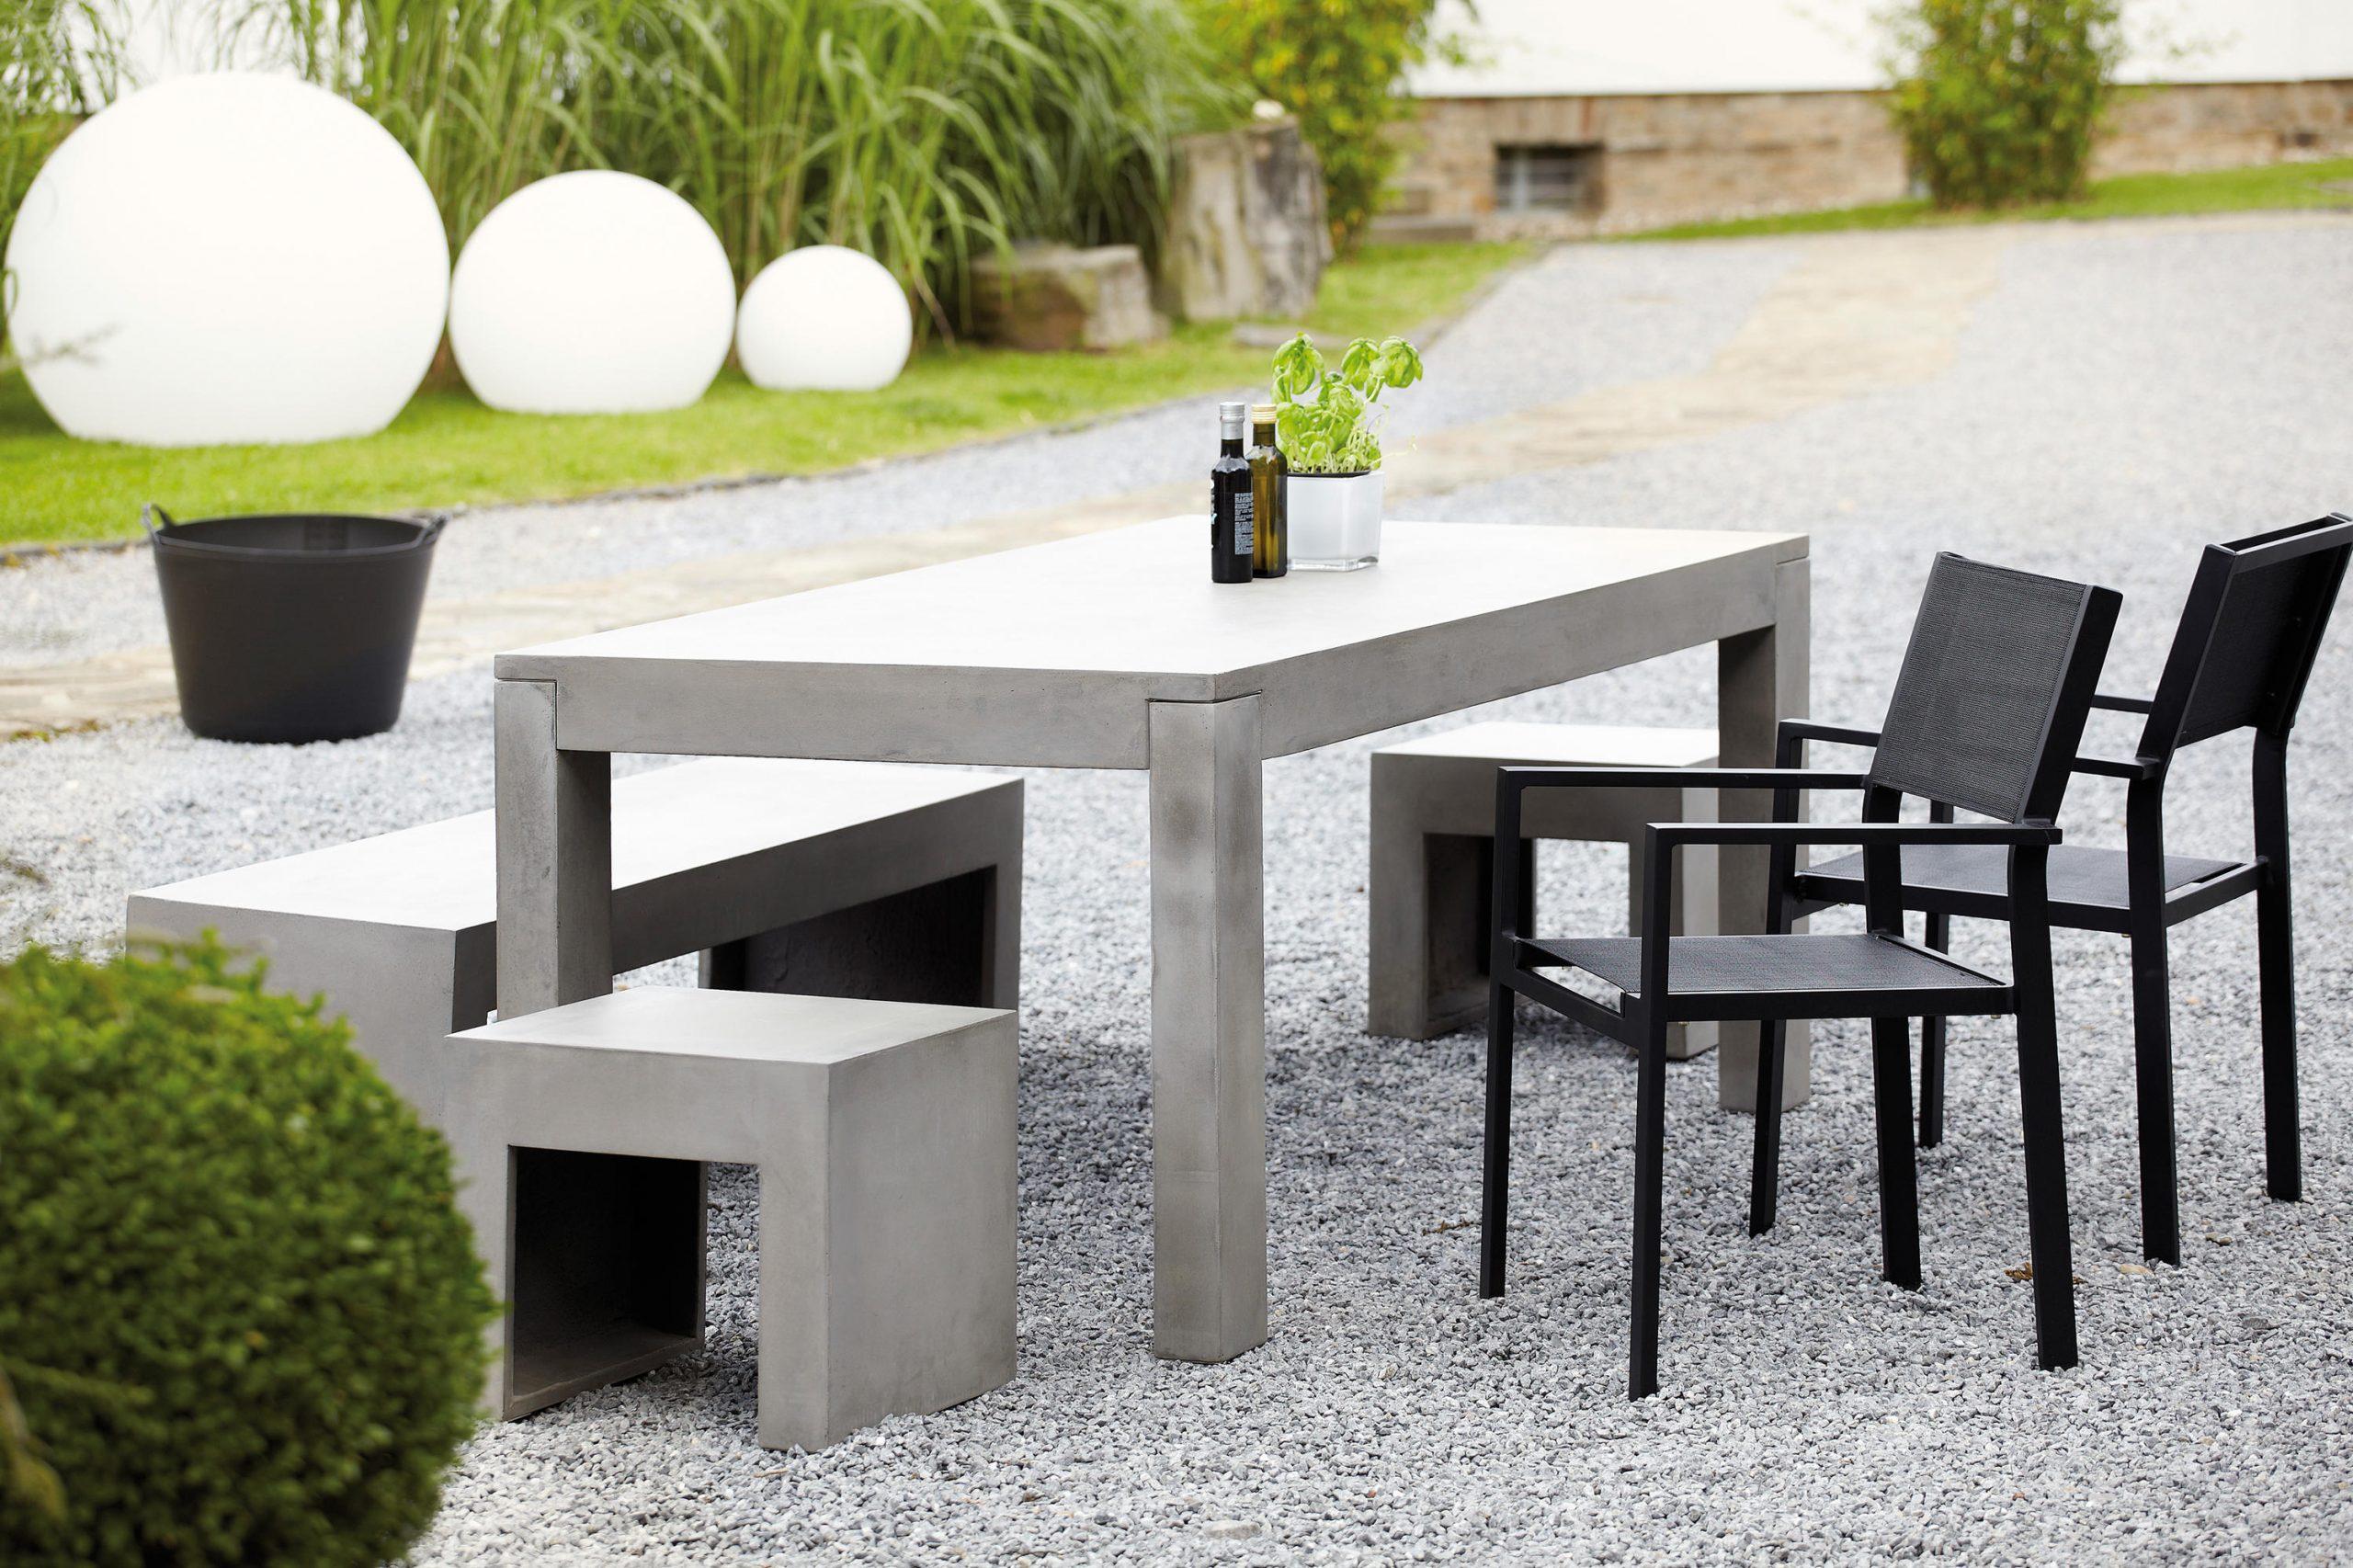 Full Size of Gartentisch Betonoptik Beton Tisch Esstische Von Jankurtz Architonic Küche Bad Wohnzimmer Gartentisch Betonoptik